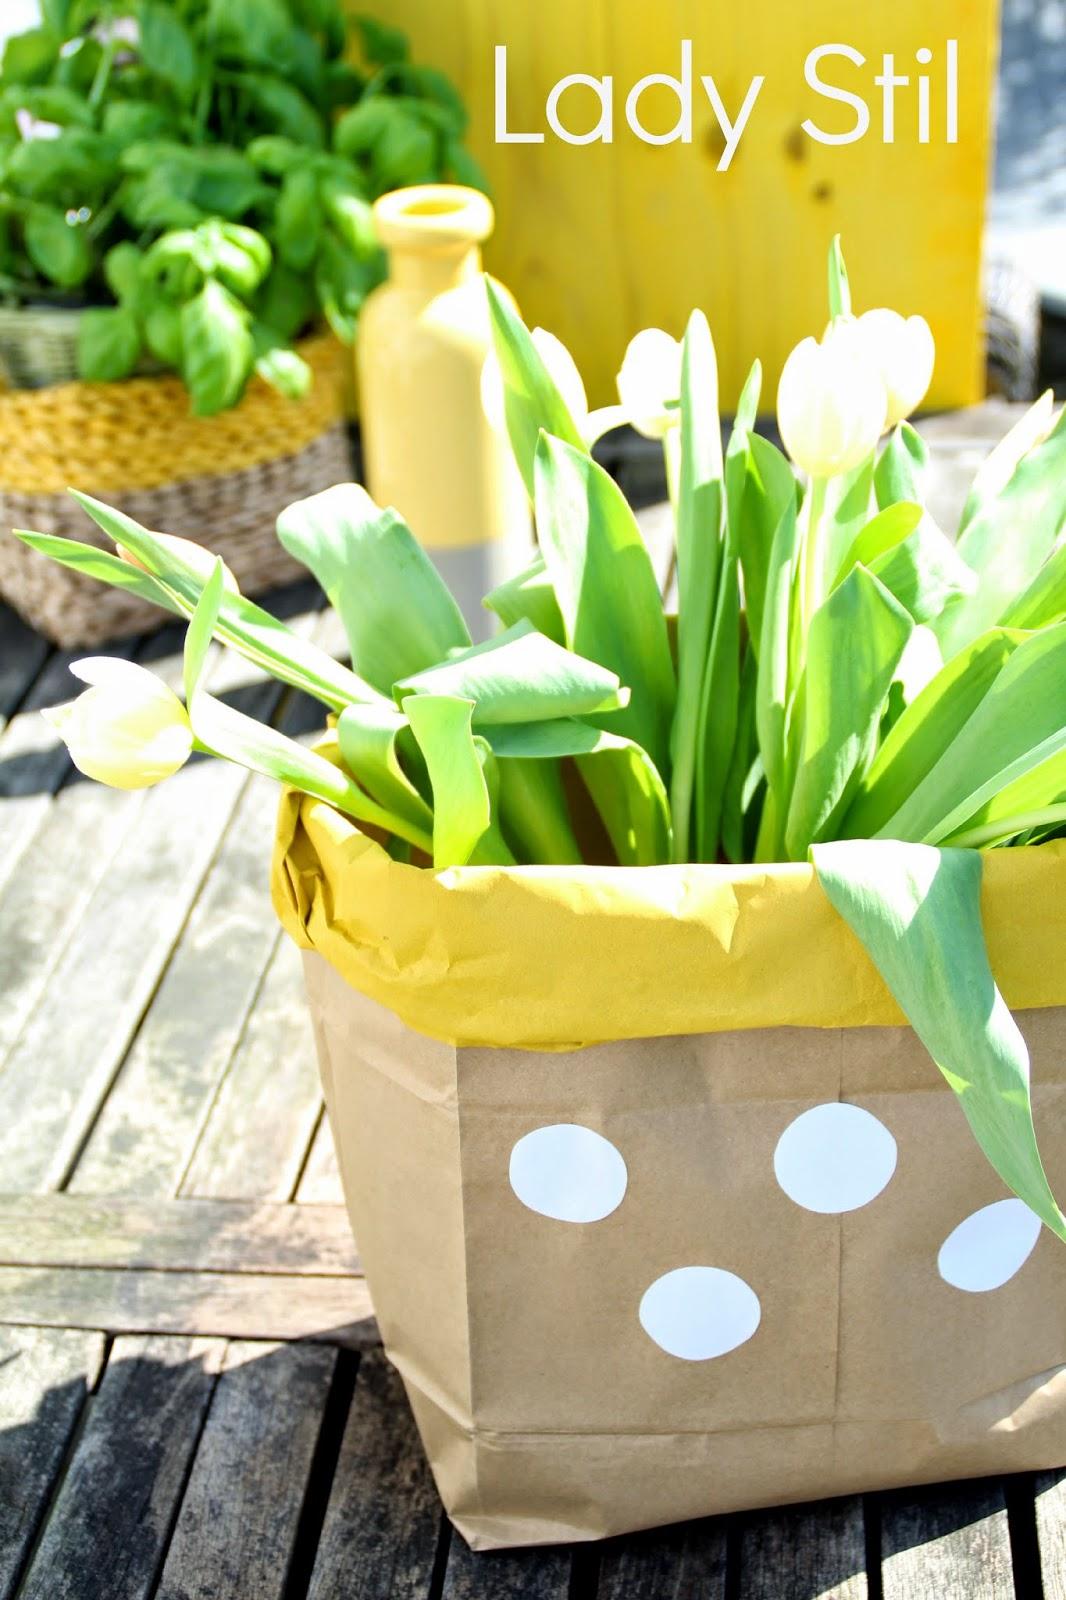 Paperbag in gelb-braun mit weißen Tulpen im Hintergrund gelbe Vase und Korb mit Basilikum